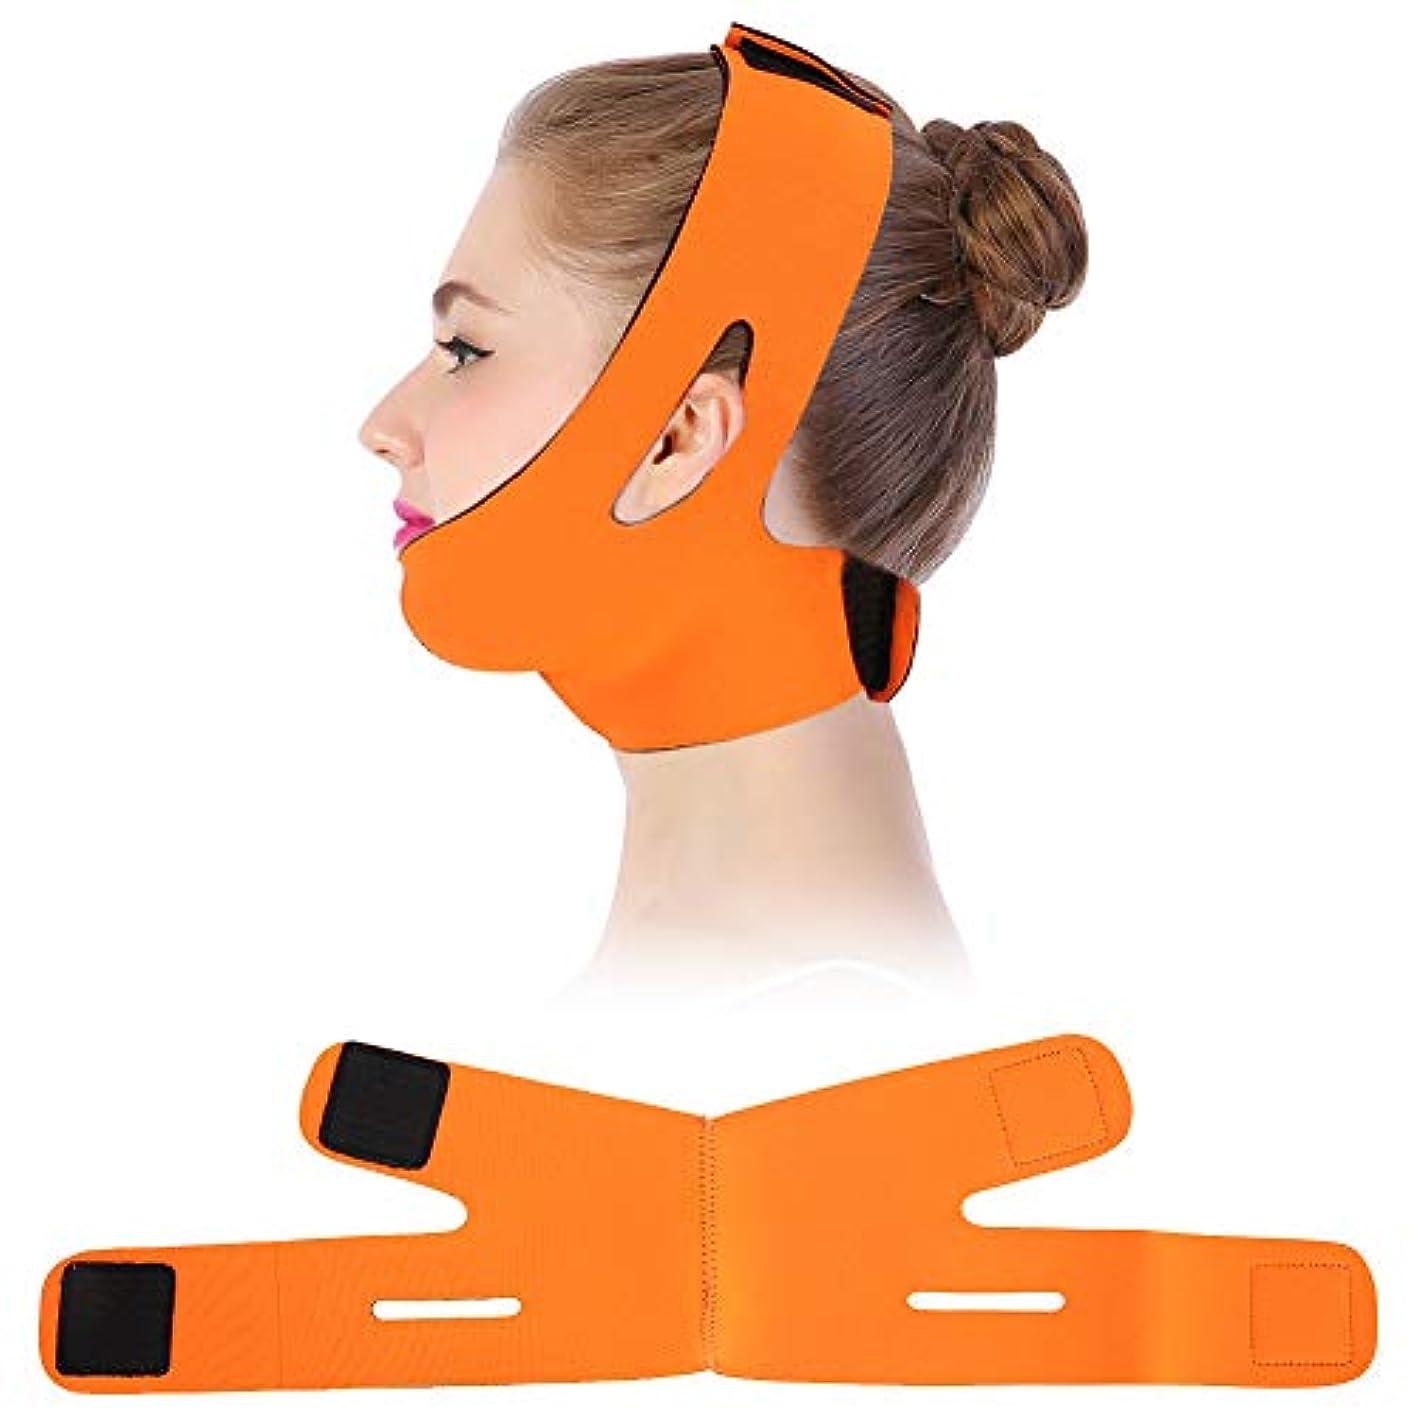 死の顎にバッテリーフェイスリフティングベルト,顔の痩身包帯フェイシャルスリミング包帯ベルトマスクフェイスリフトダブルチンスキンストラップ (Orange)